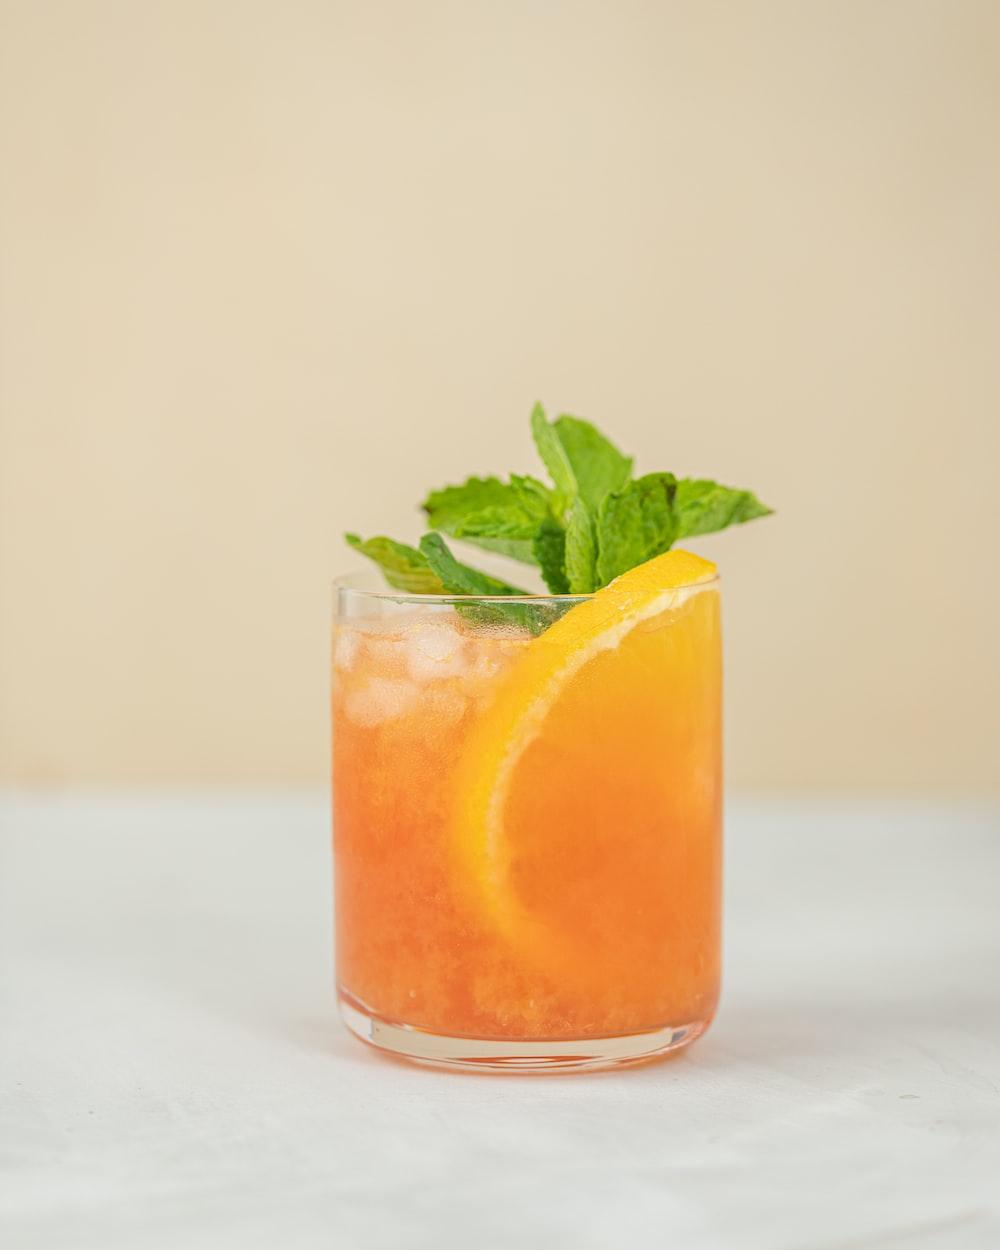 orange juice in clear drinking glass